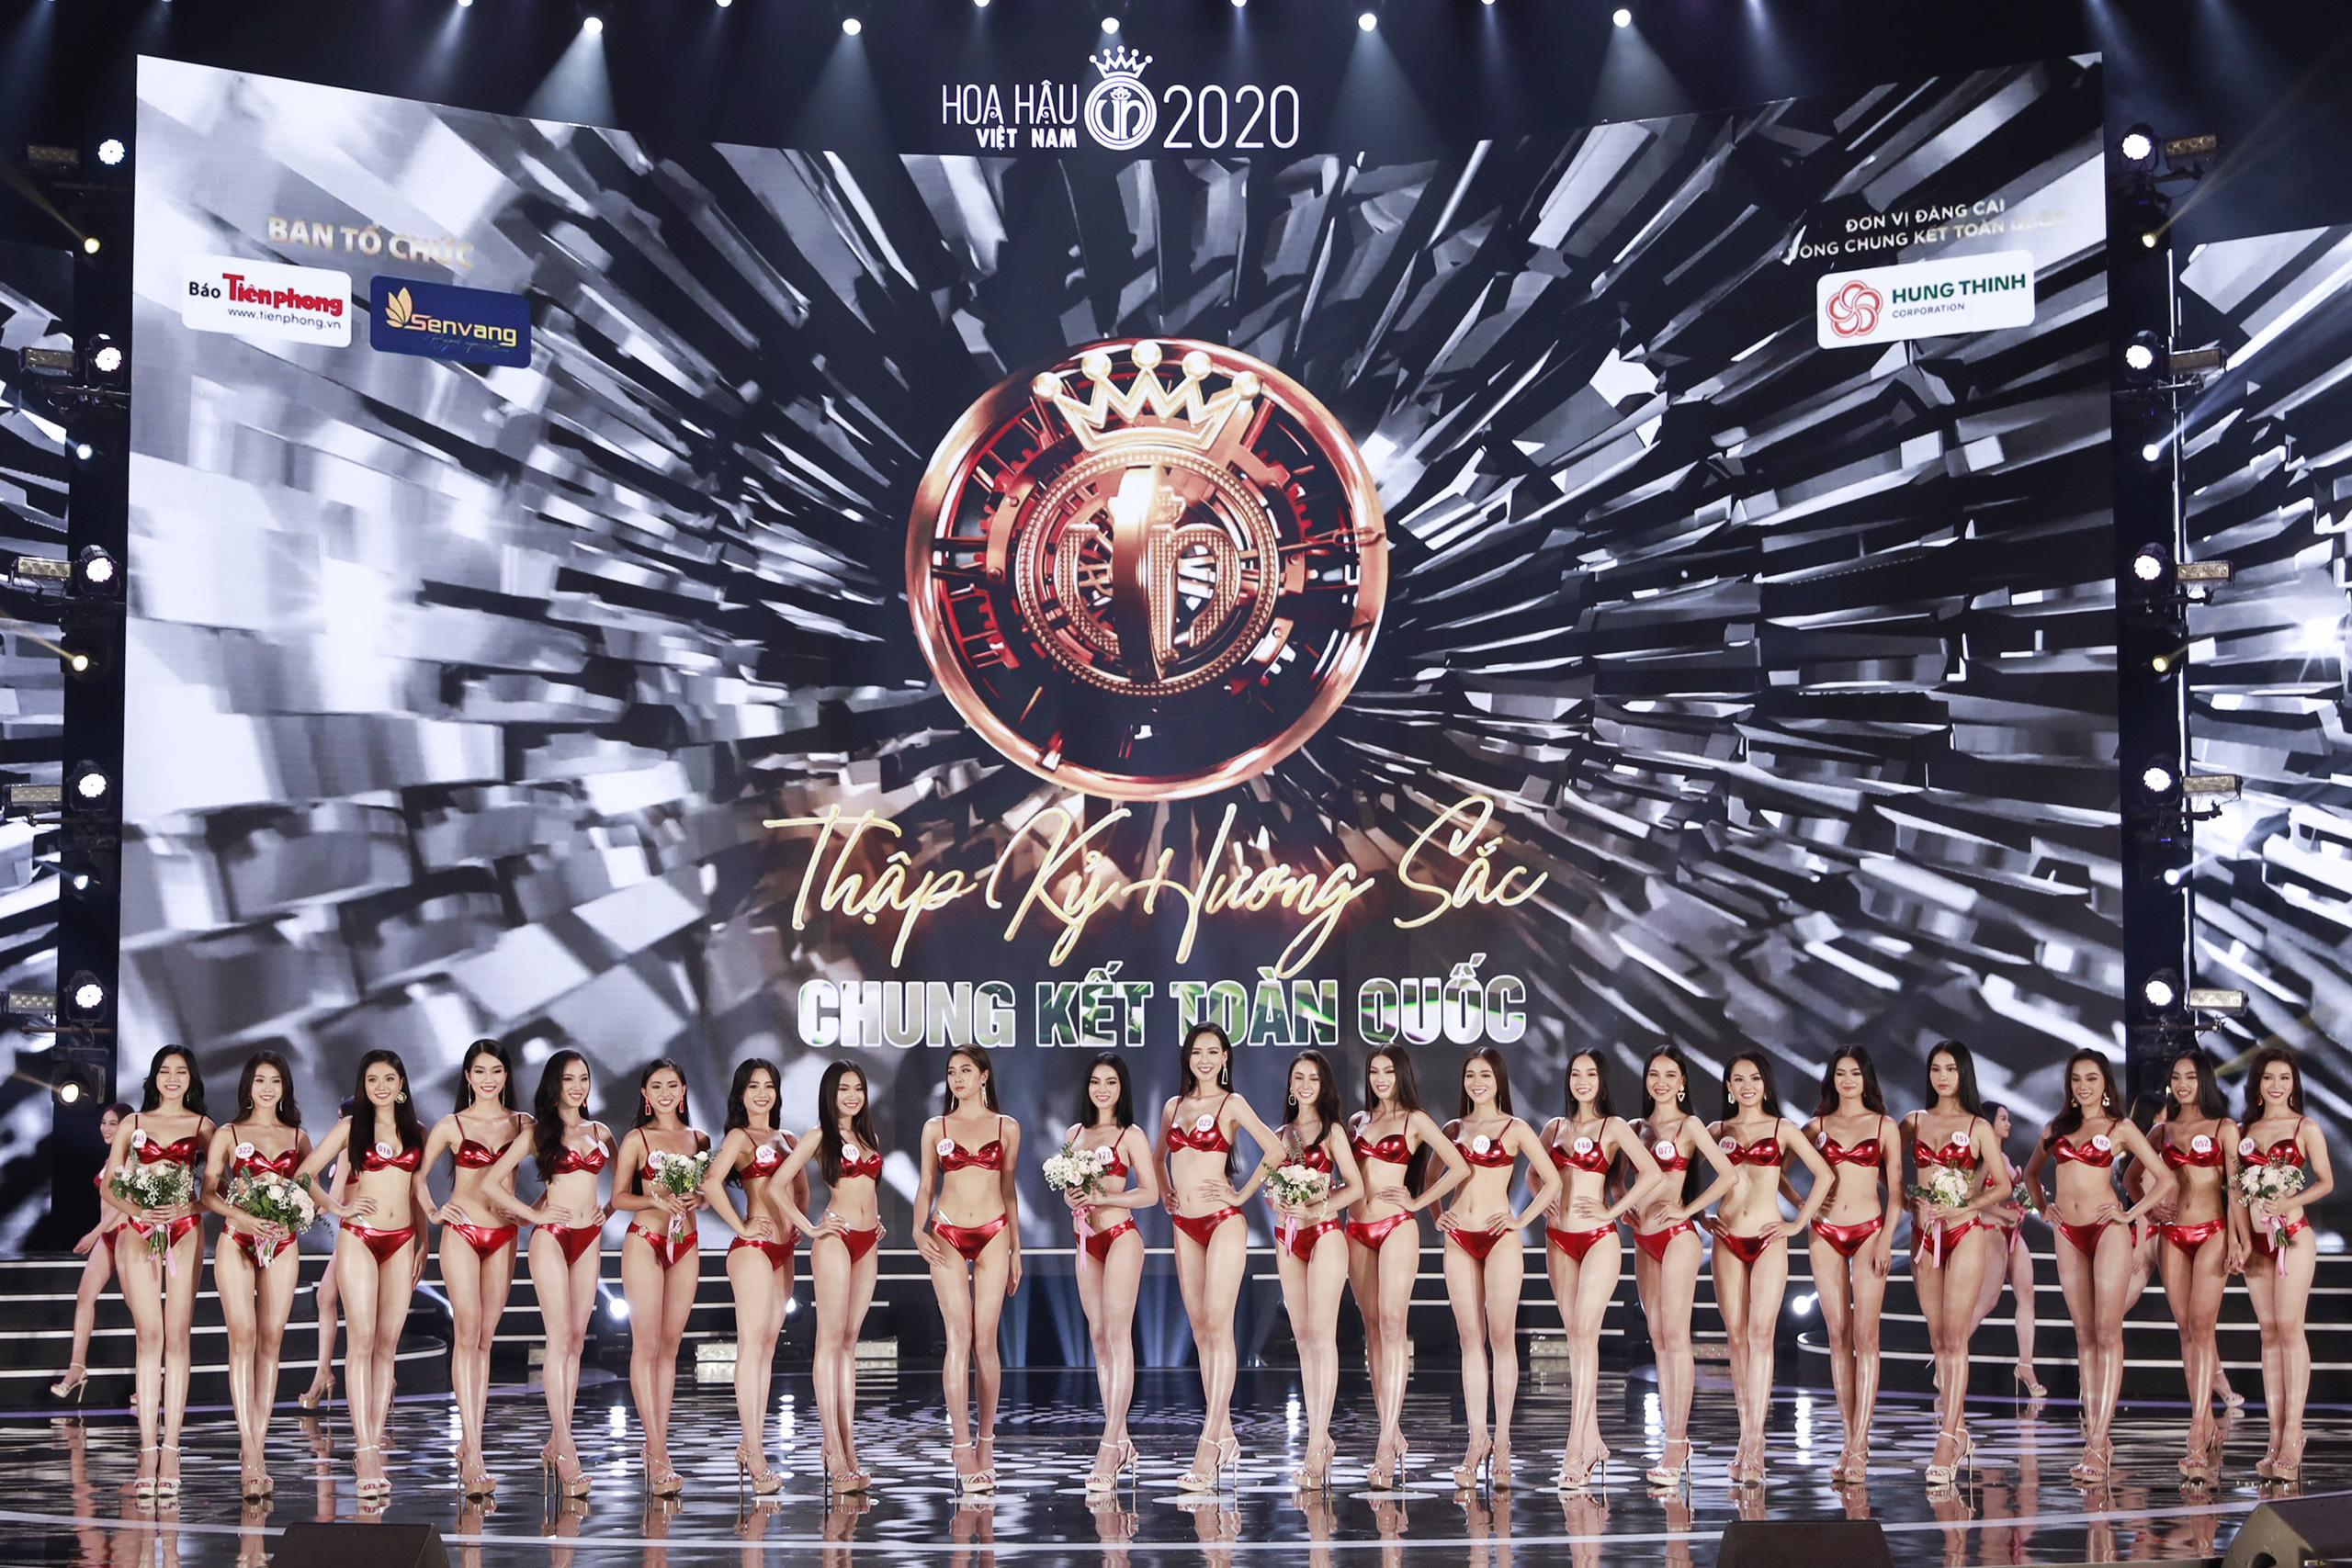 Bóc loạt áo tắm bị chê tả tơi vì xấu tại các cuộc thi Hoa hậu ở Việt Nam, có bộ còn khiến thí sinh lộ hàng ngay tại chỗ - Ảnh 3.